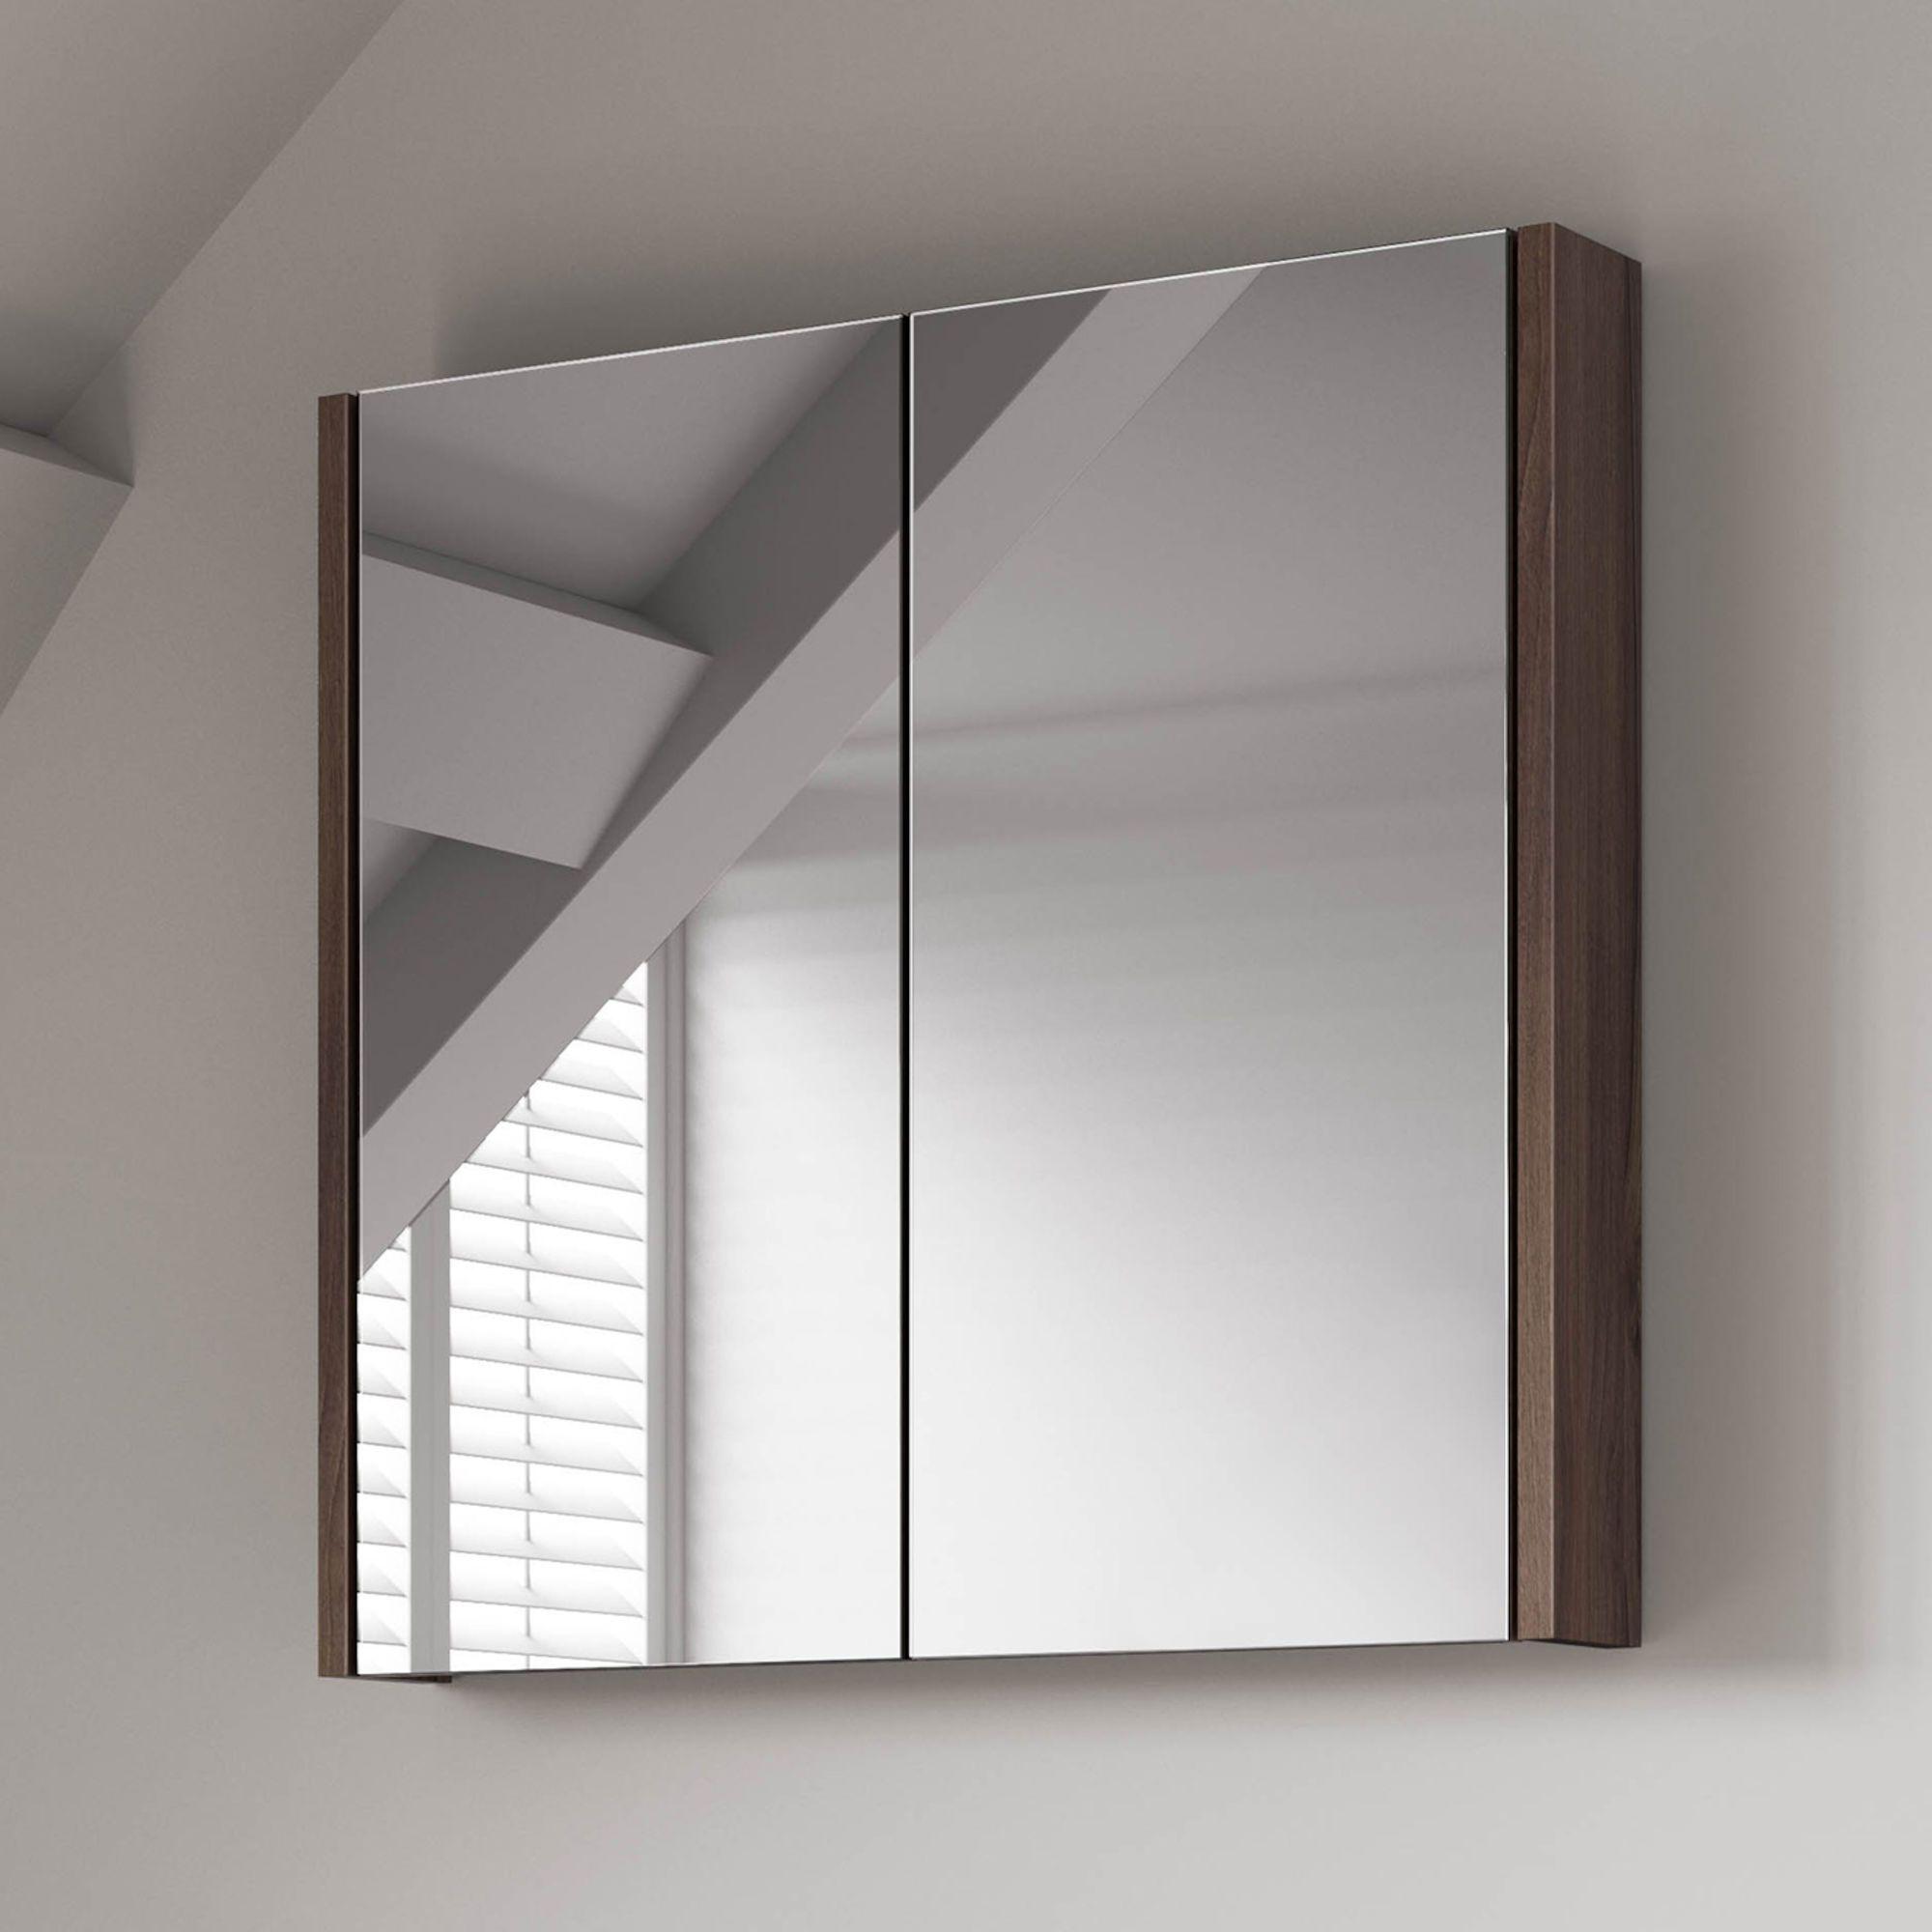 600mm Walnut Effect Double Door Mirror Cabinet Mirror Cabinets